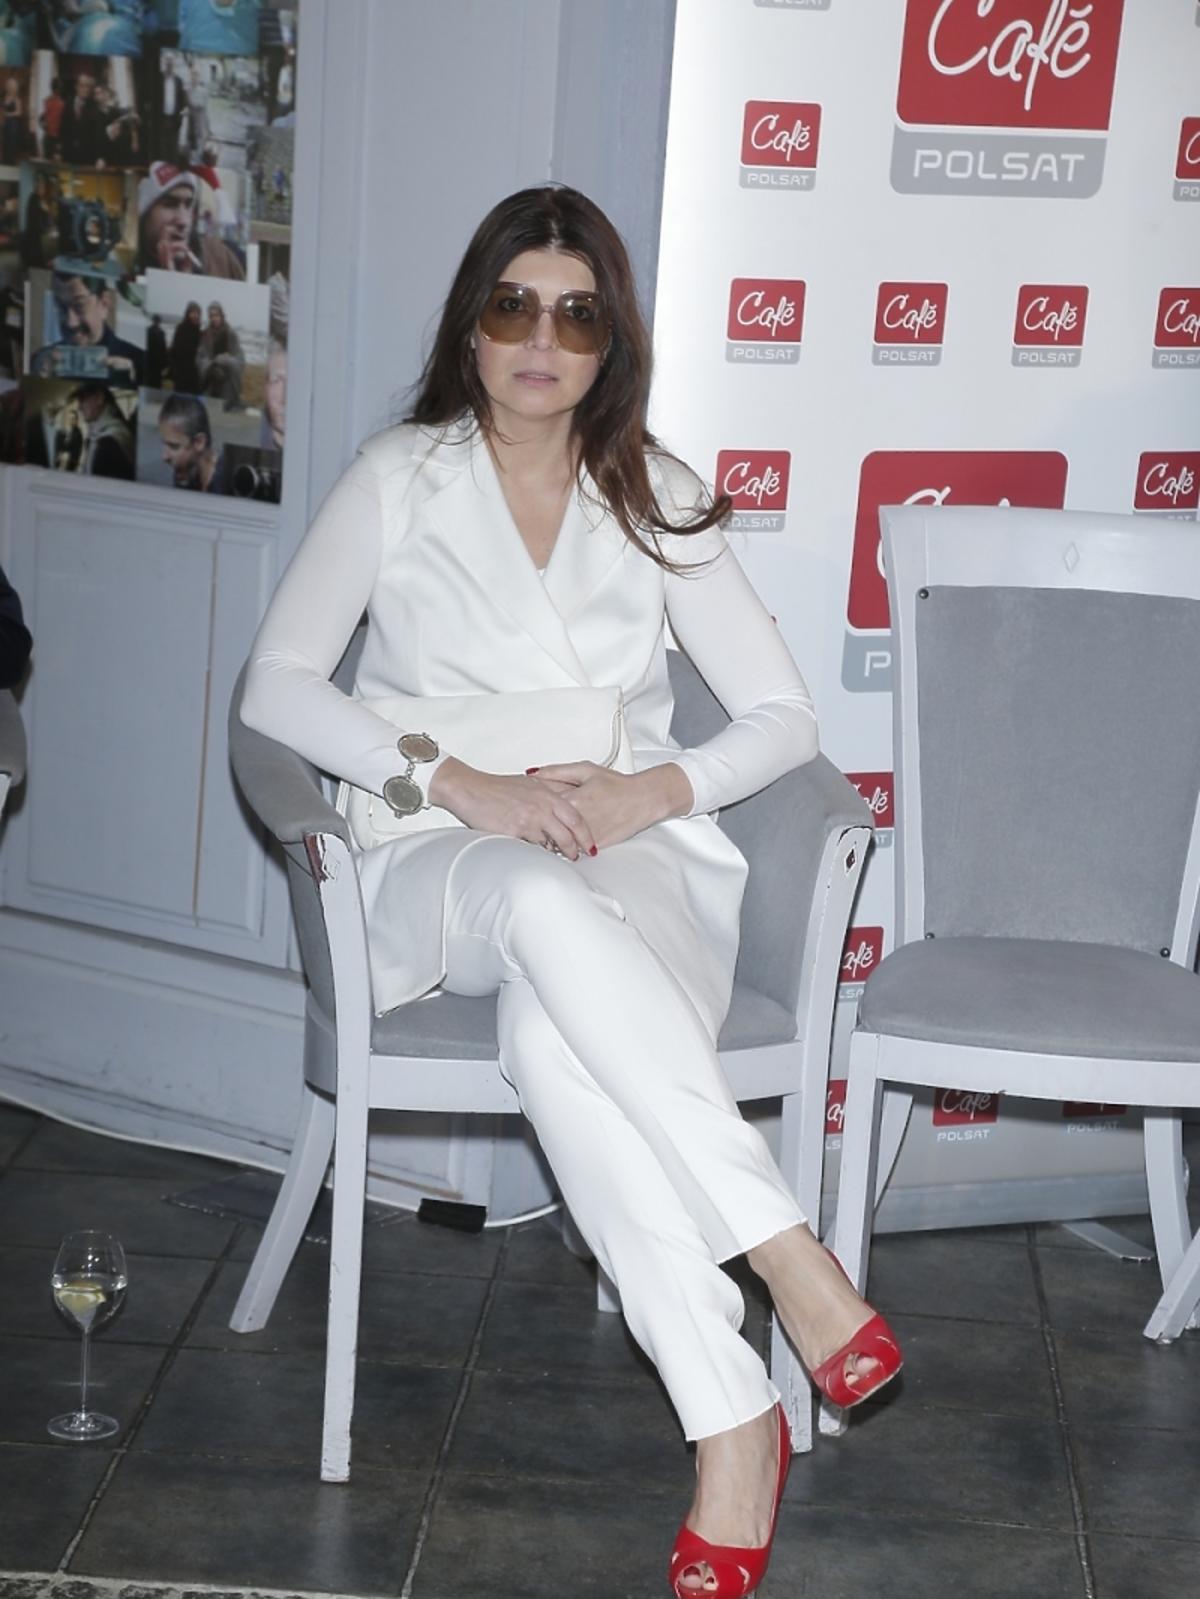 Dorota Wróblewska na prezentacji wiosennej ramówki Polsat Cafe